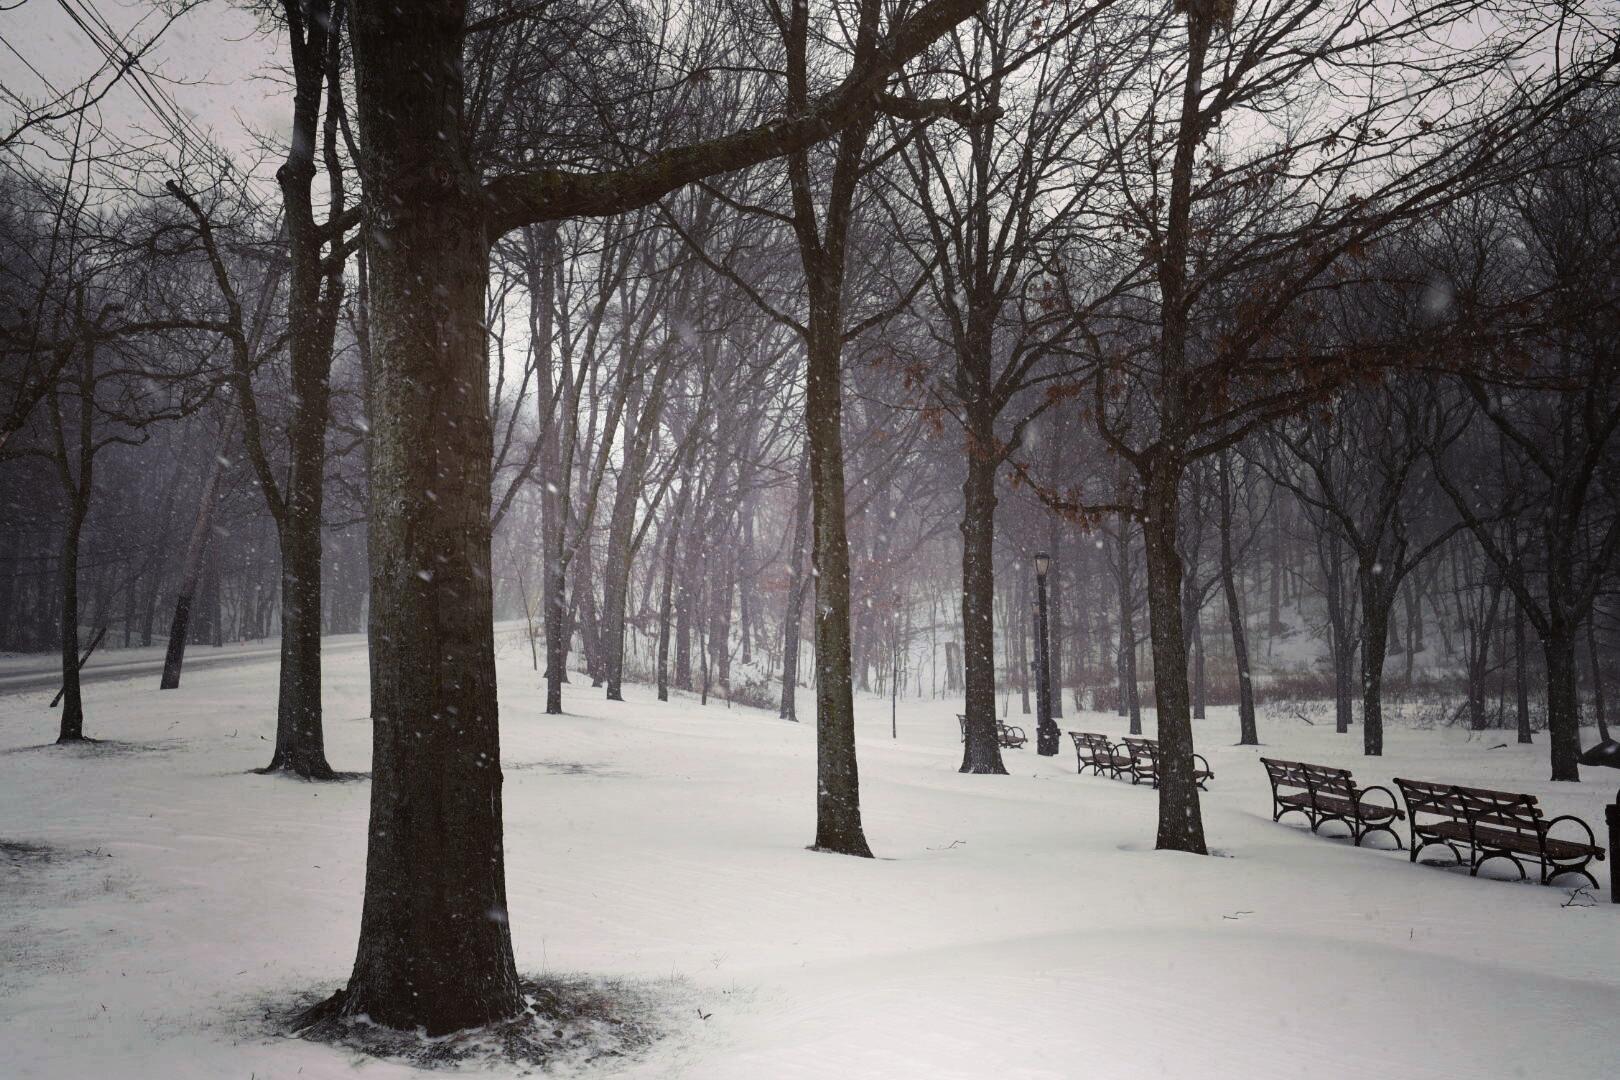 大雪中的公園,空無一人的座位,屹立不倒的樹木。(網友笨小孩@紐約皇后區Oakland Lake)